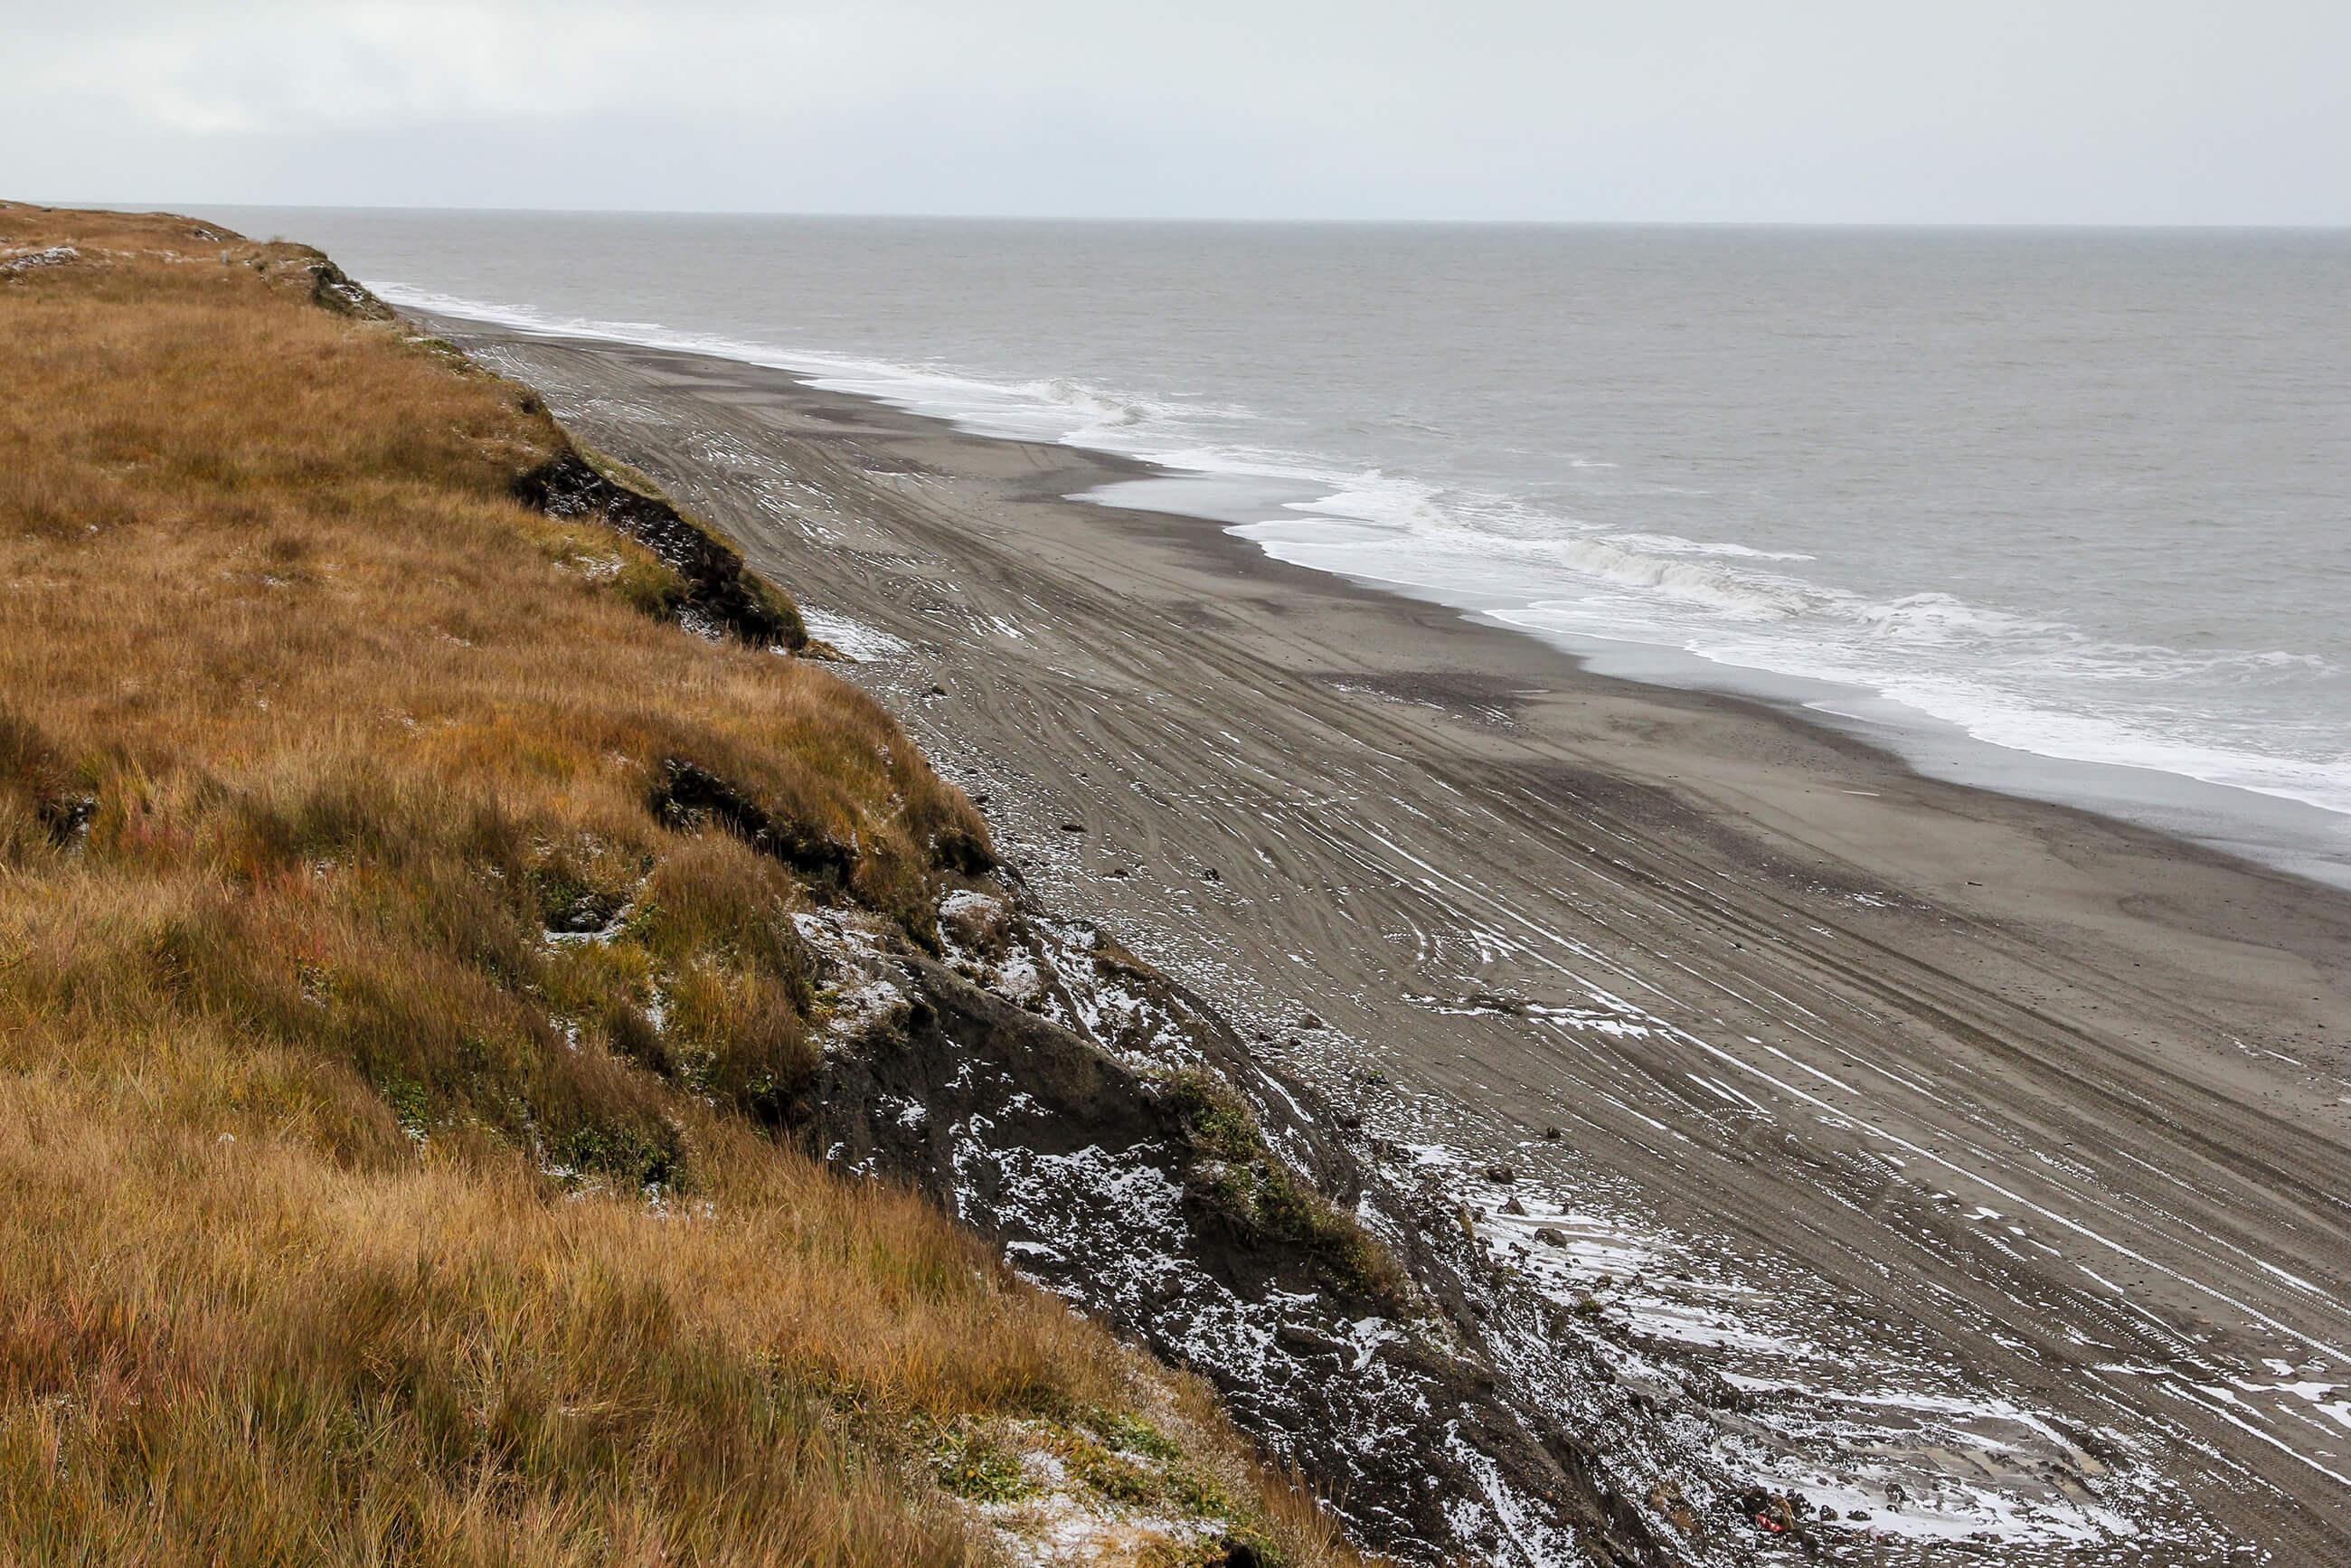 https://bubo.sk/uploads/galleries/7325/barrow-pieskove-plaze-cukotskeho-mora-1.jpg